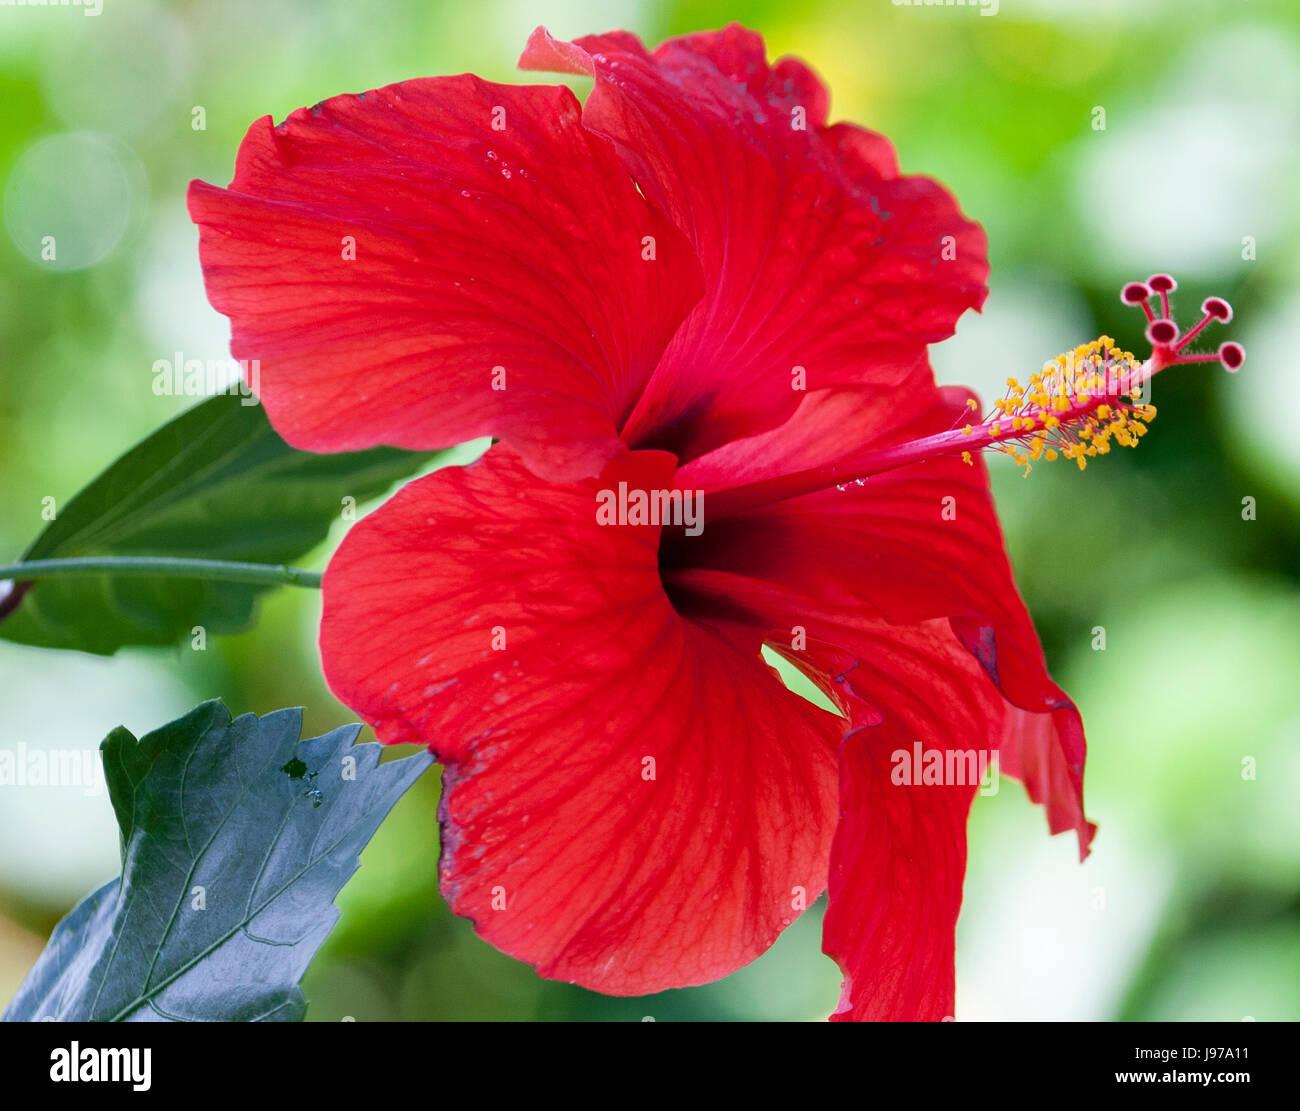 Hawaiian red hibiscus stock photos hawaiian red hibiscus stock hibiscus red hawaiian stock image izmirmasajfo